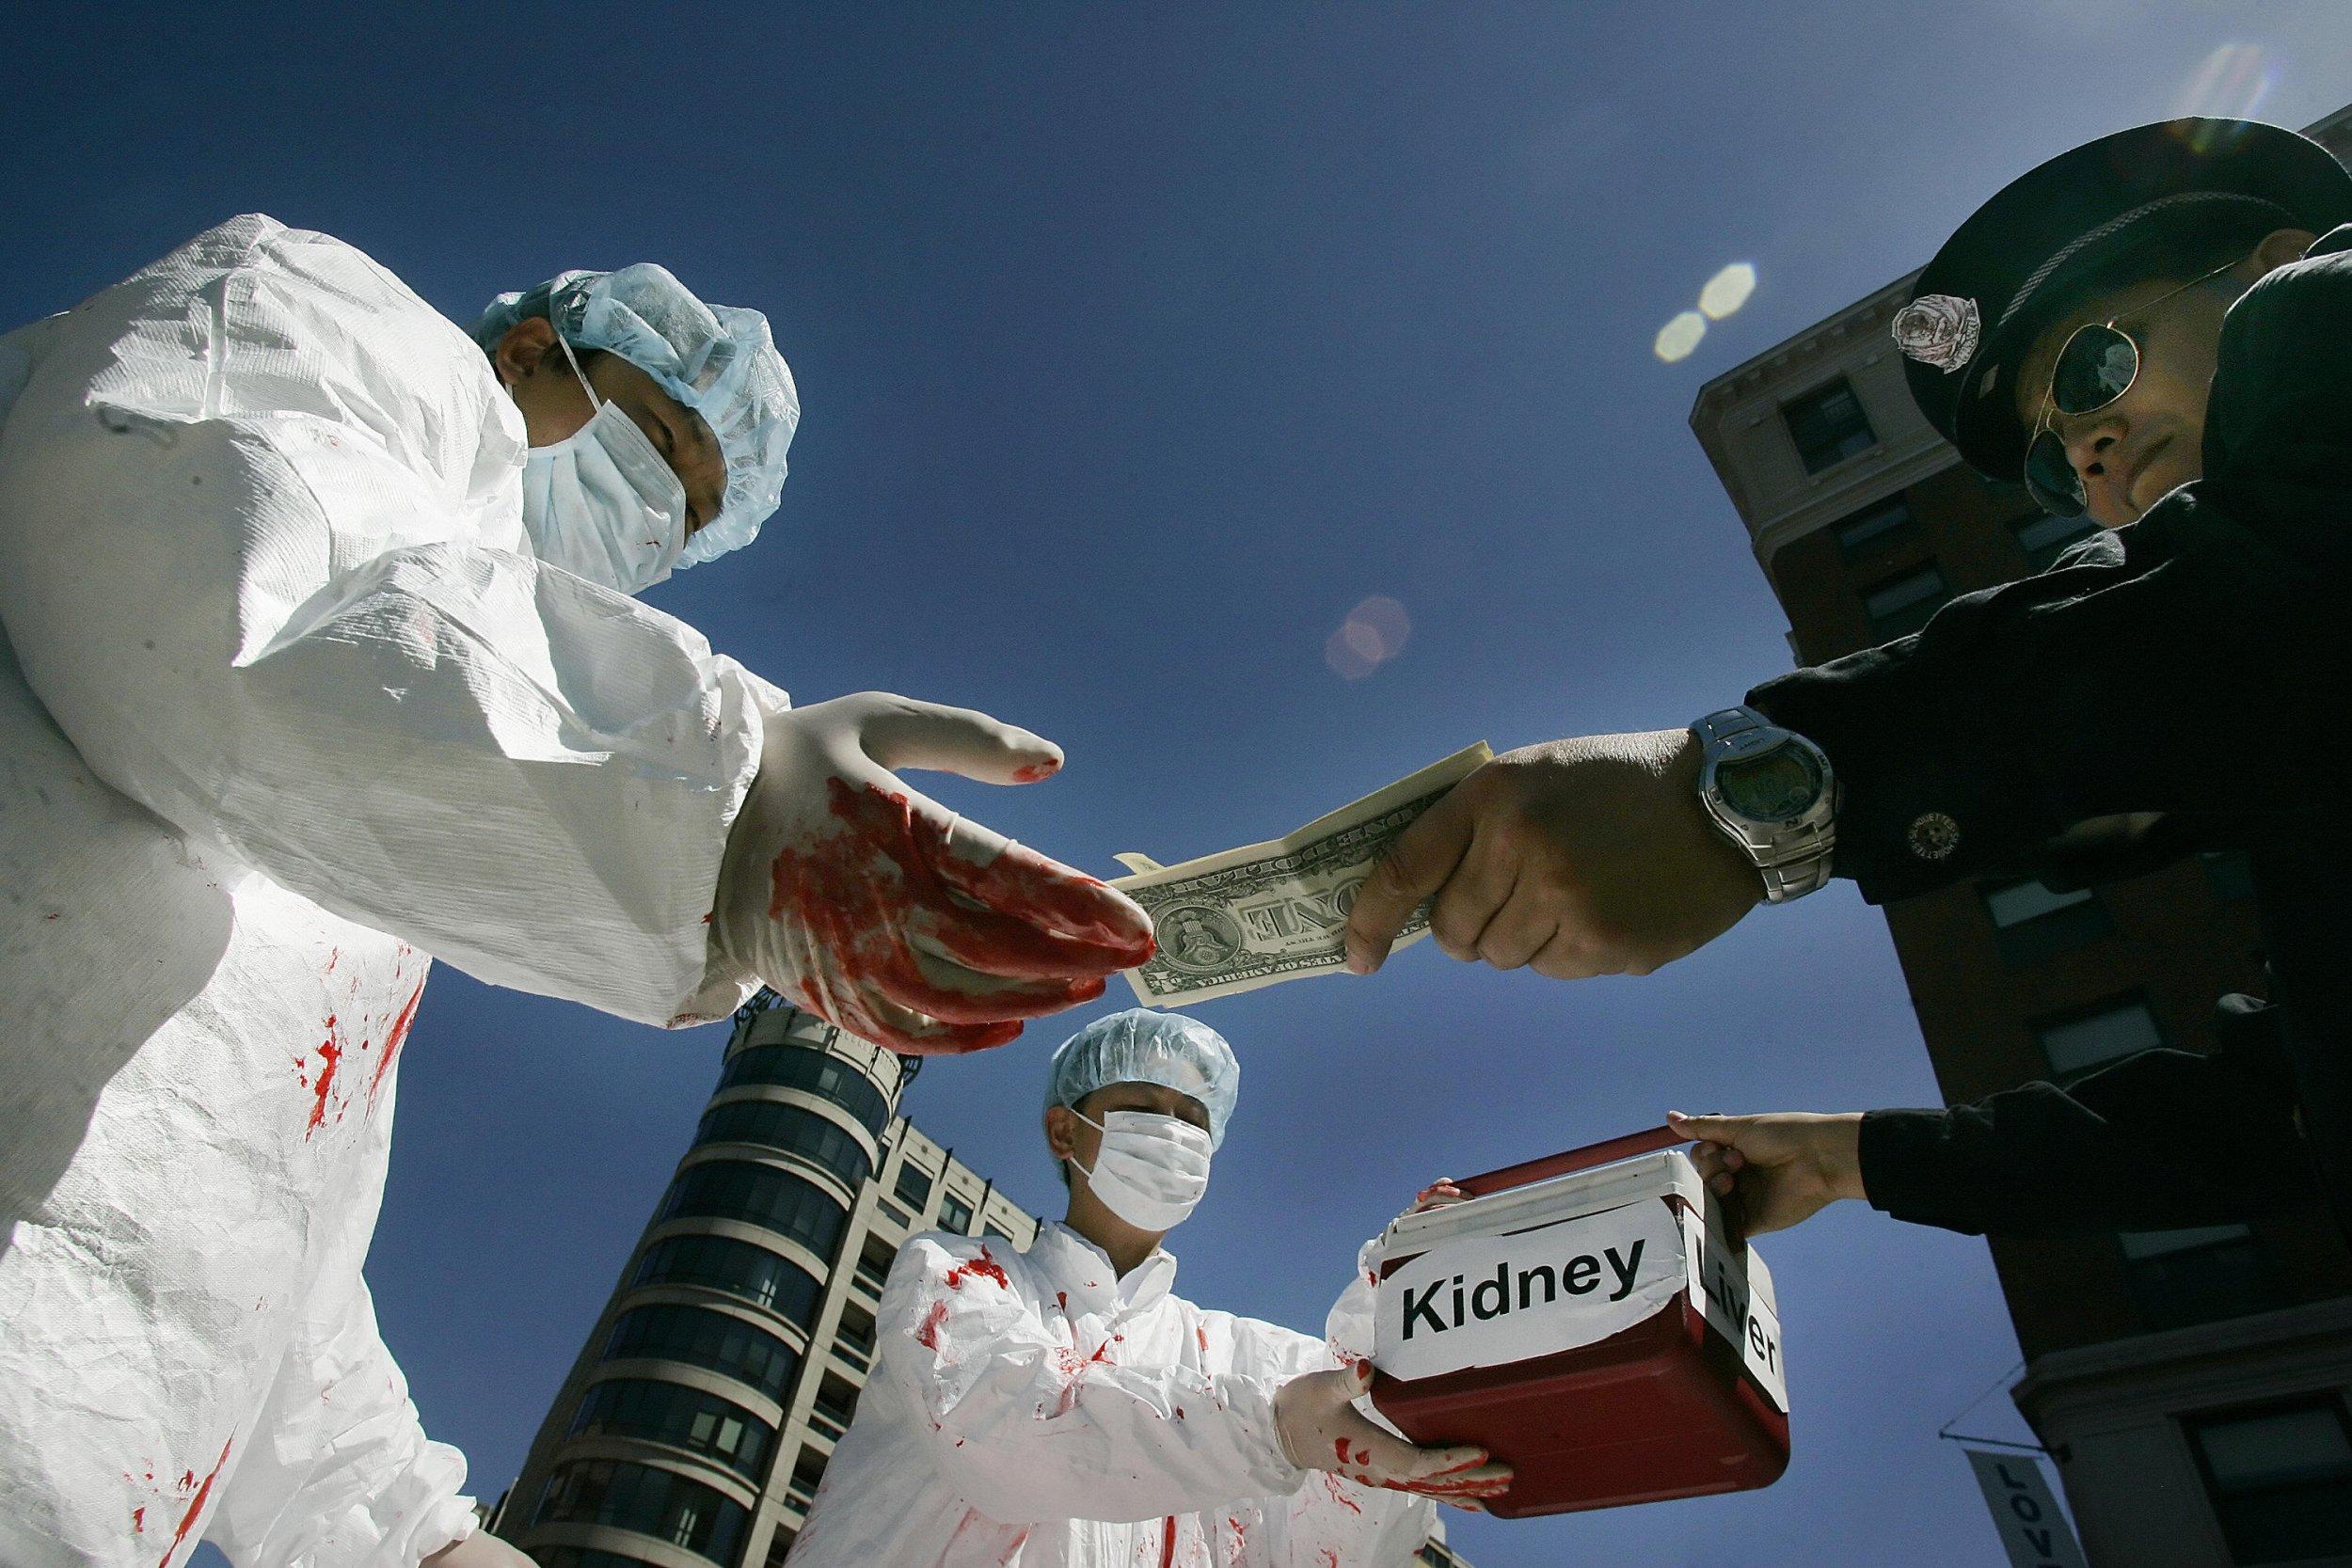 11_16_organ donation china